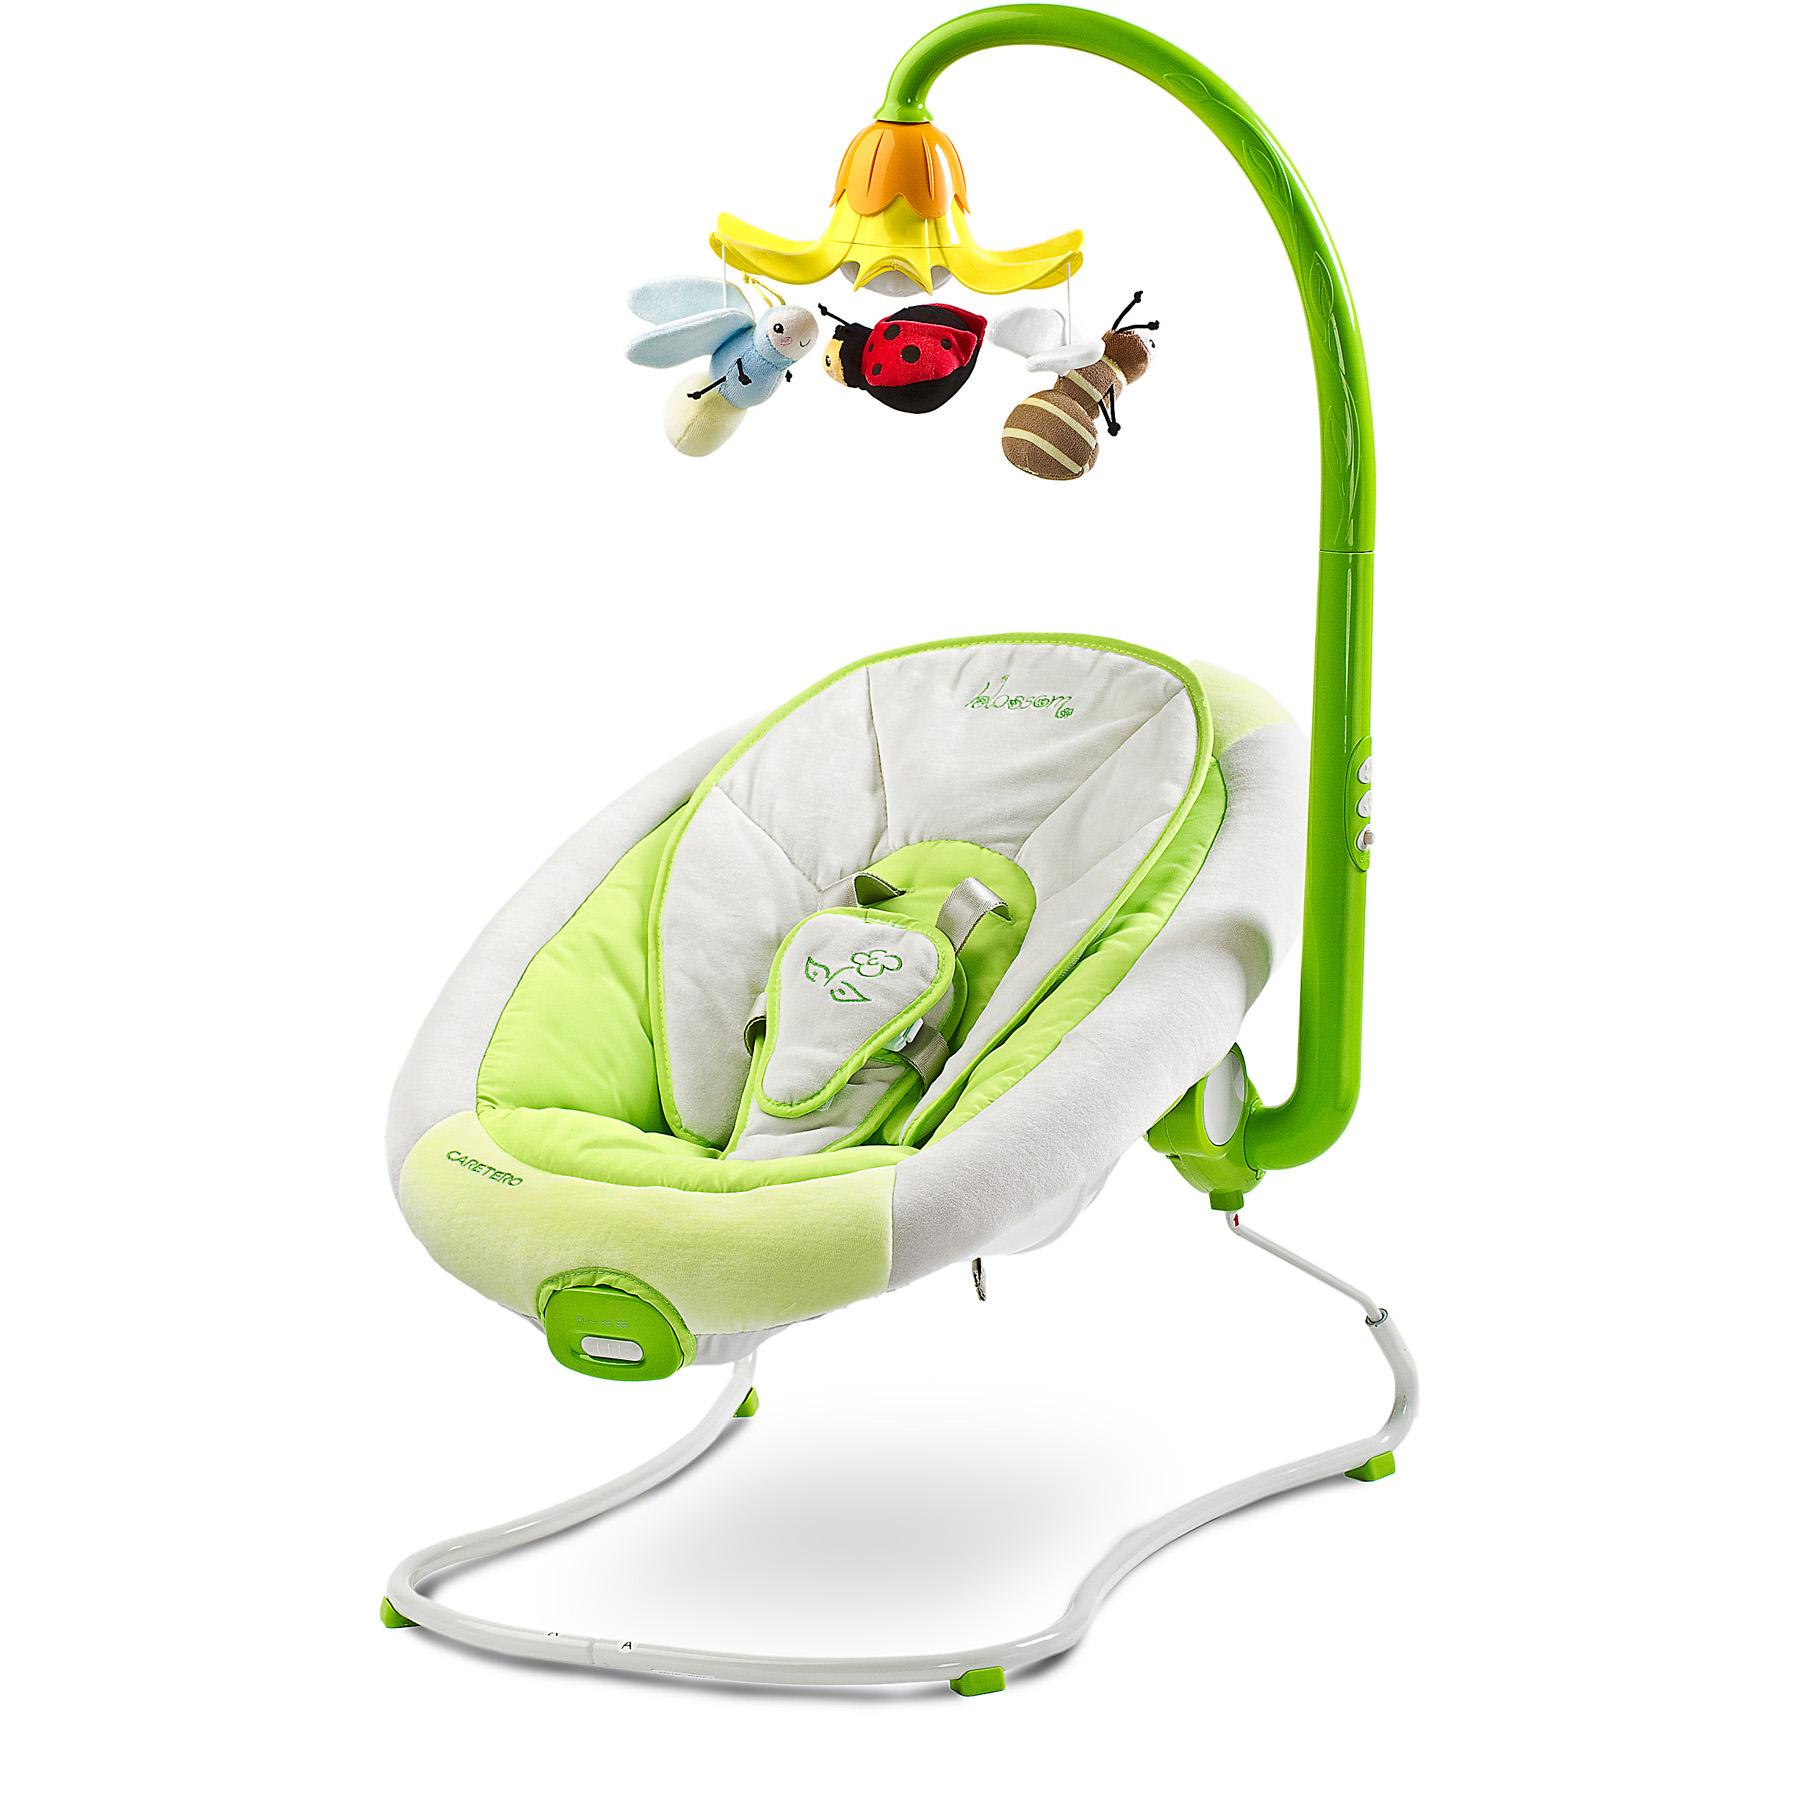 Babywippe Babyschaukel Wippe Schaukel Babytrage Babysitz Caretero | eBay